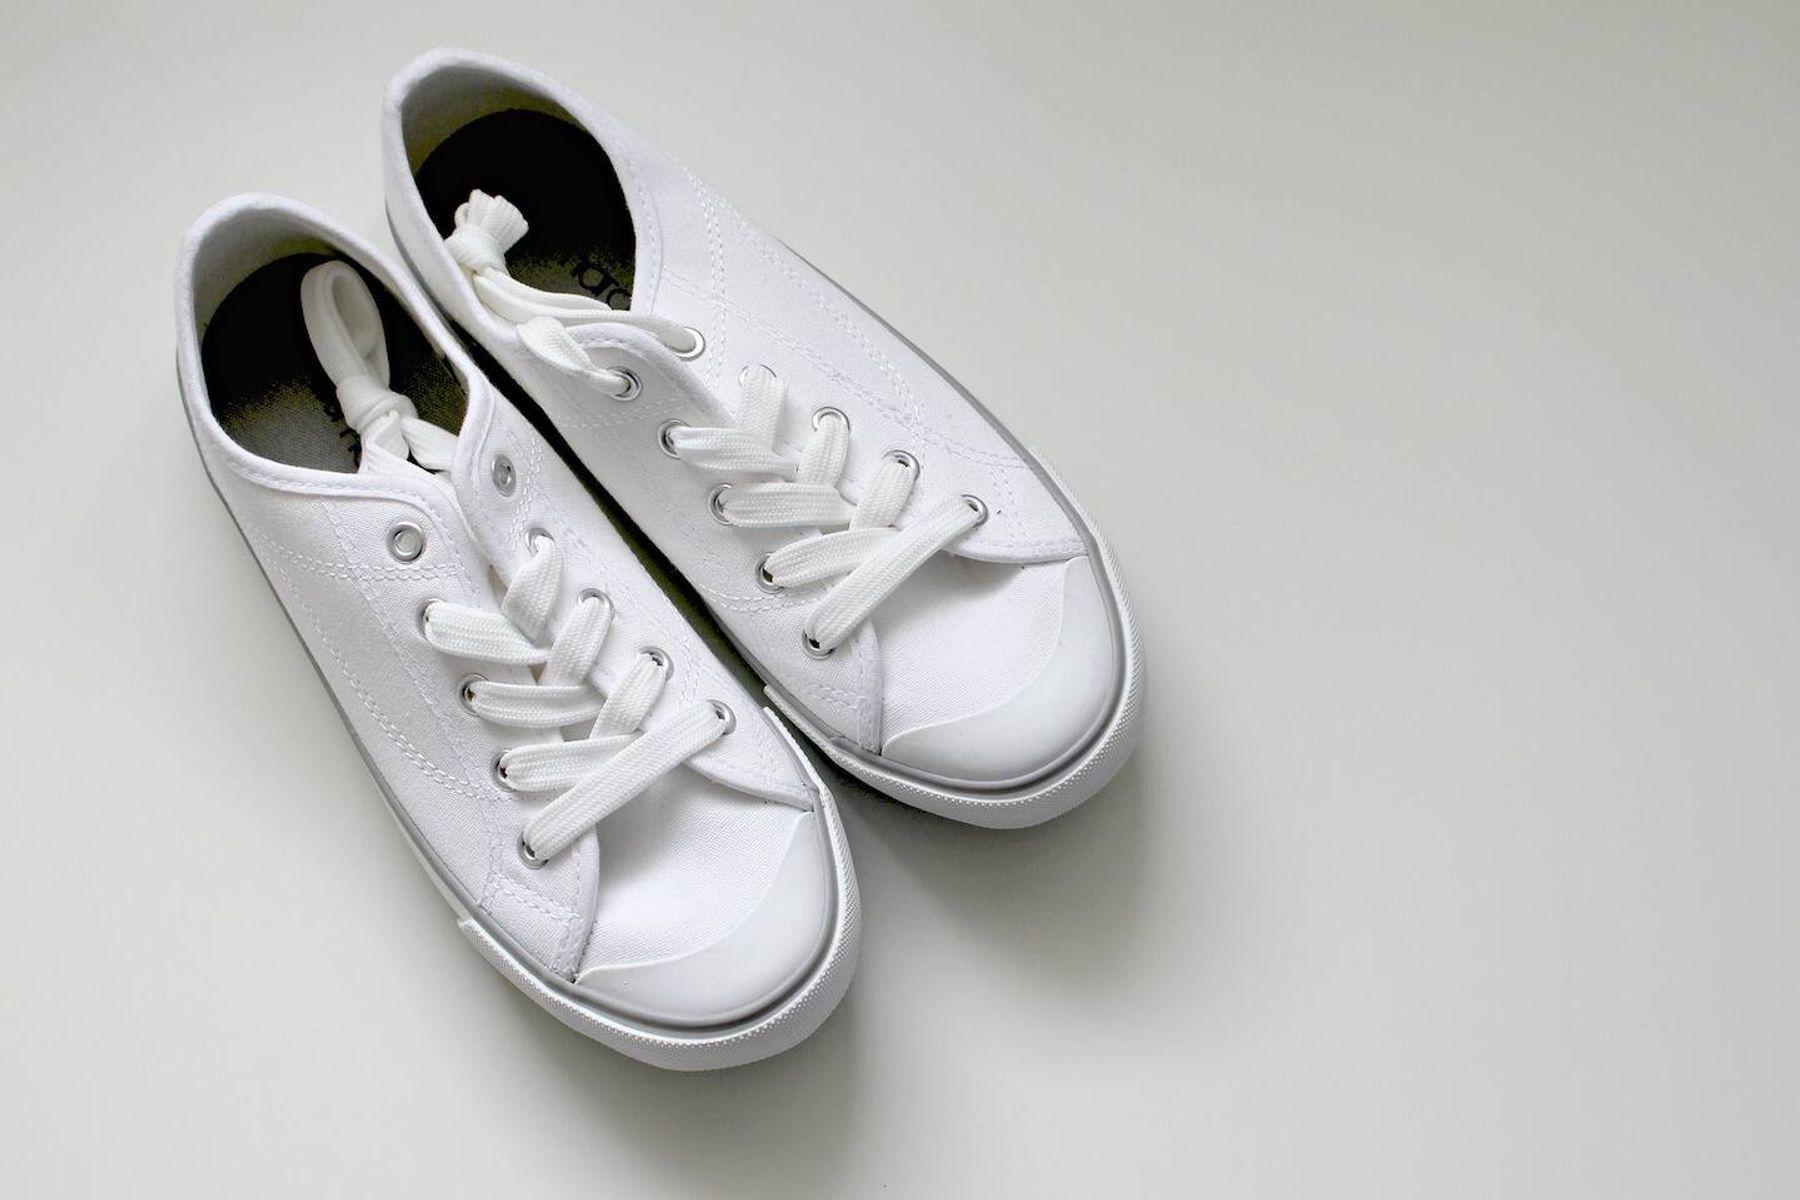 zapatillas blancas de tela limpias